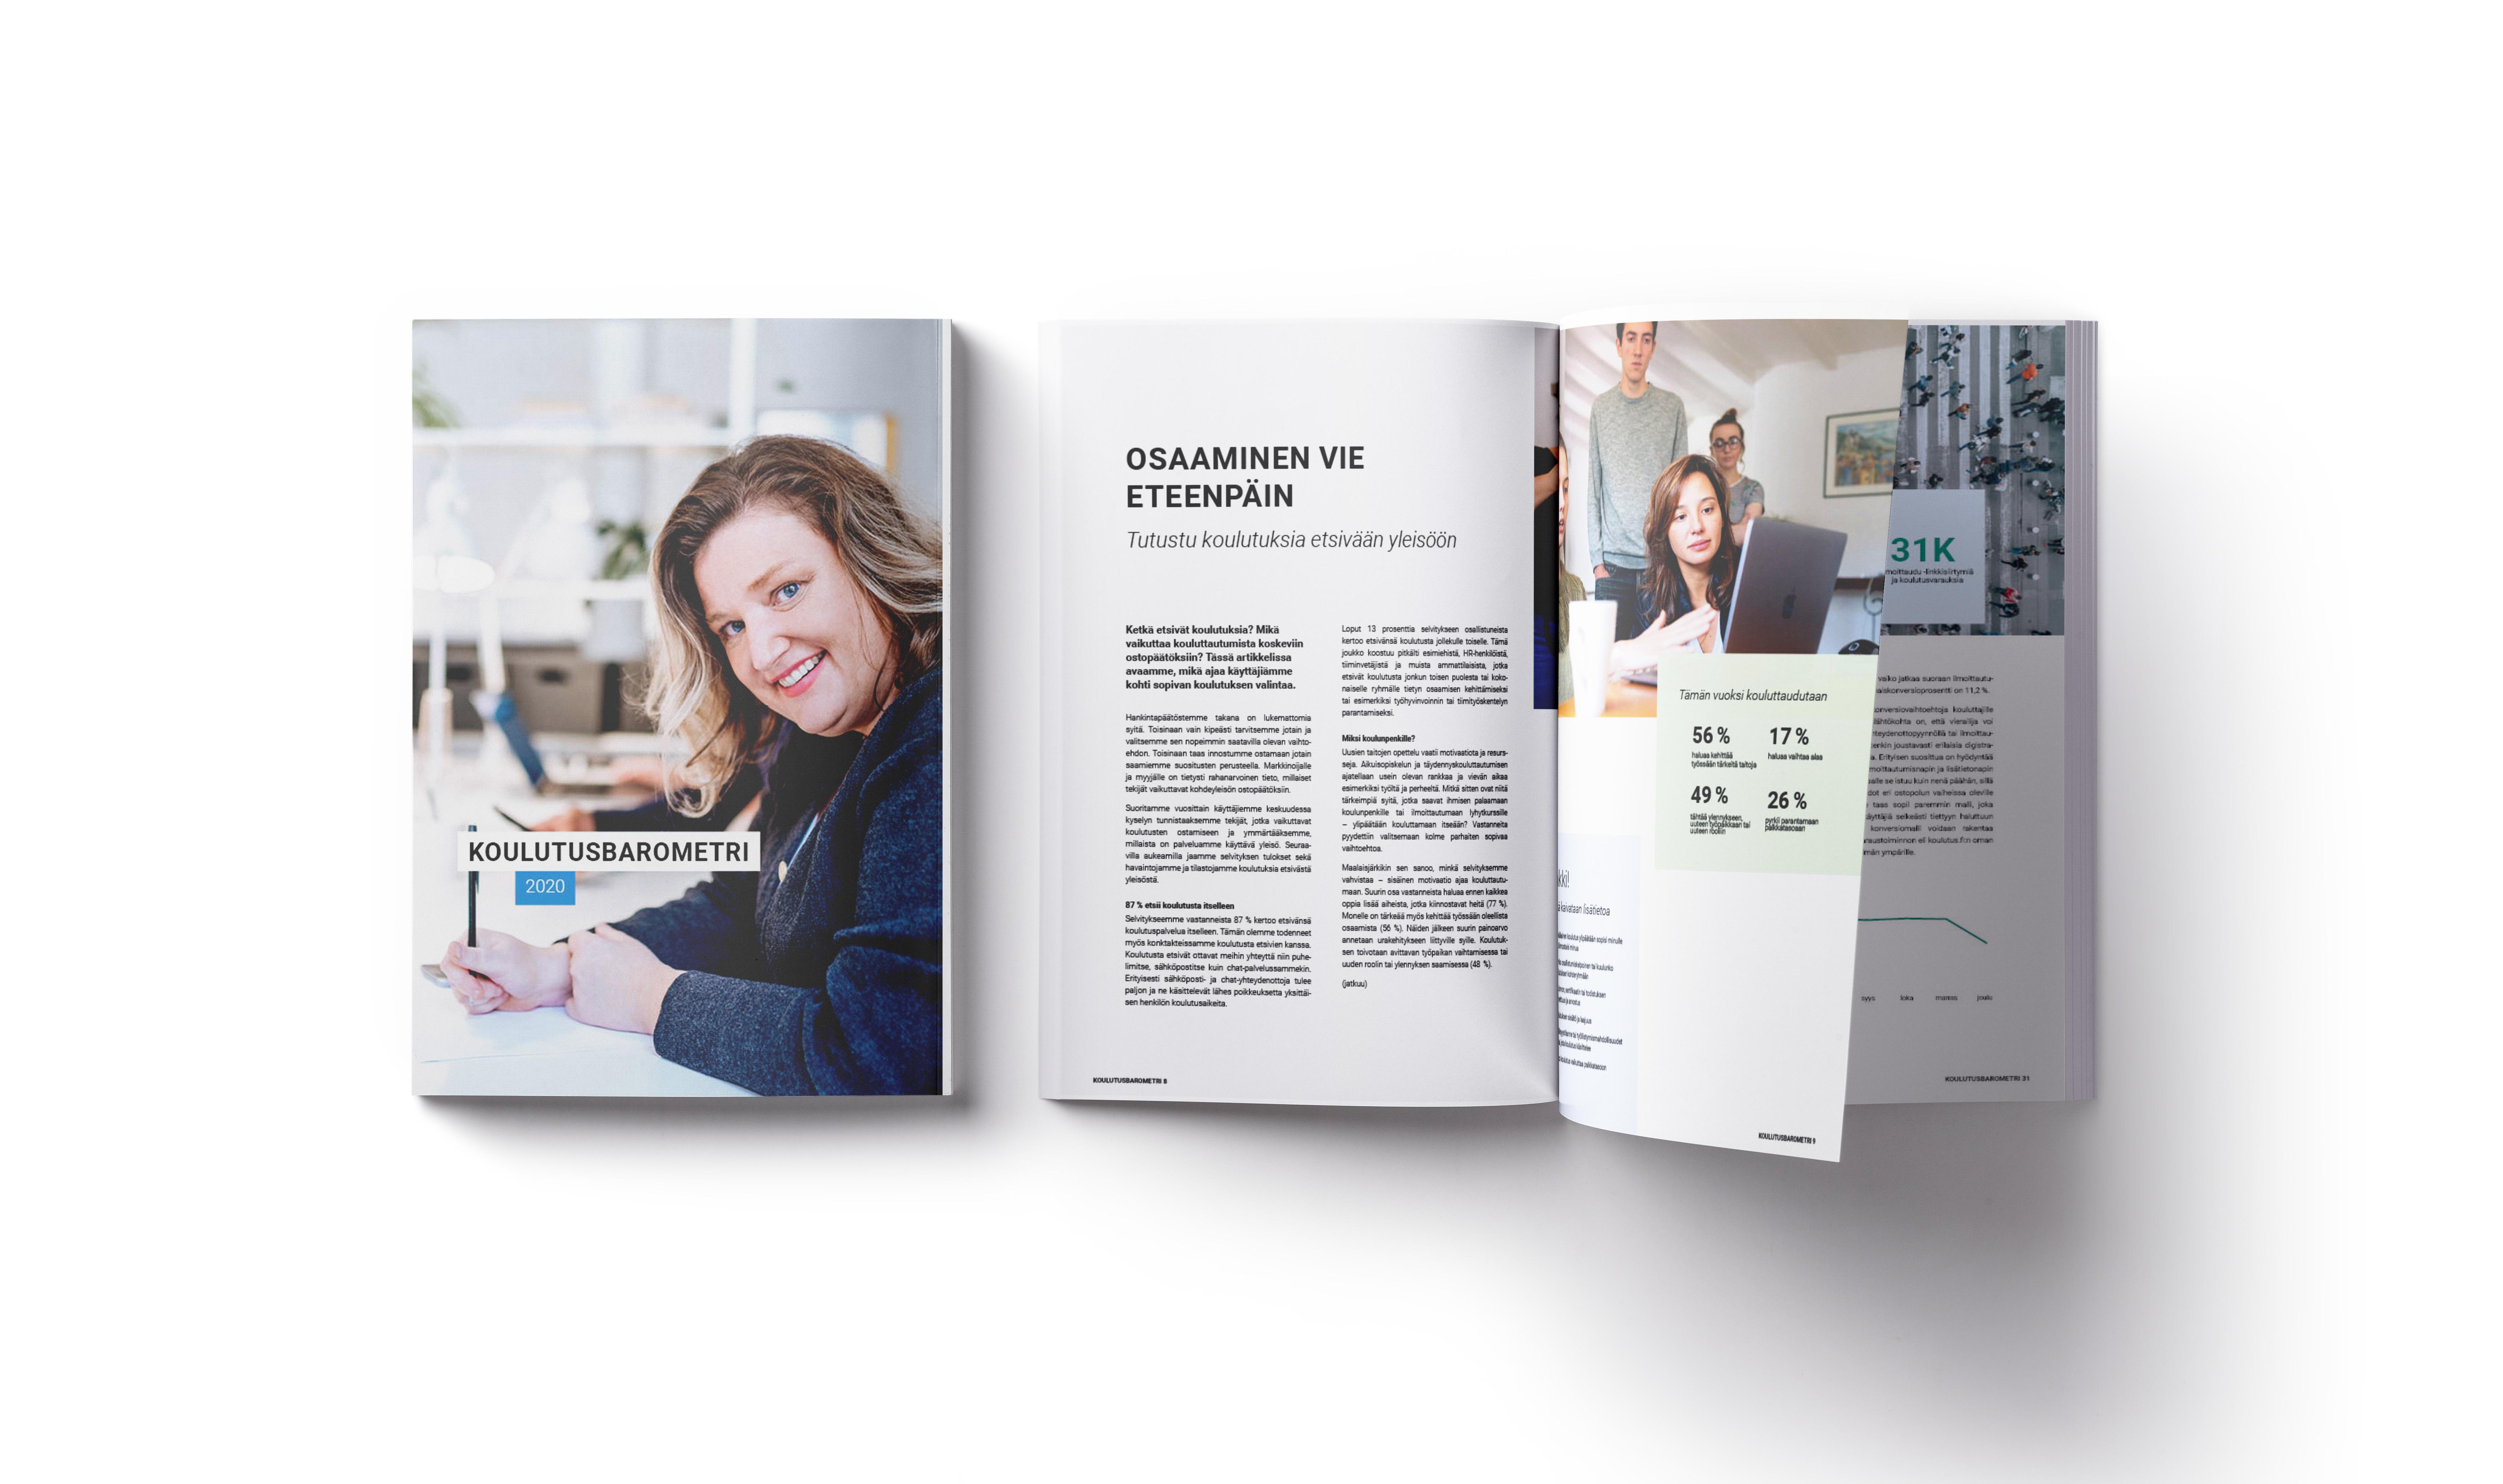 Magazine-Mockup-koulutusfi-2020-taustaton